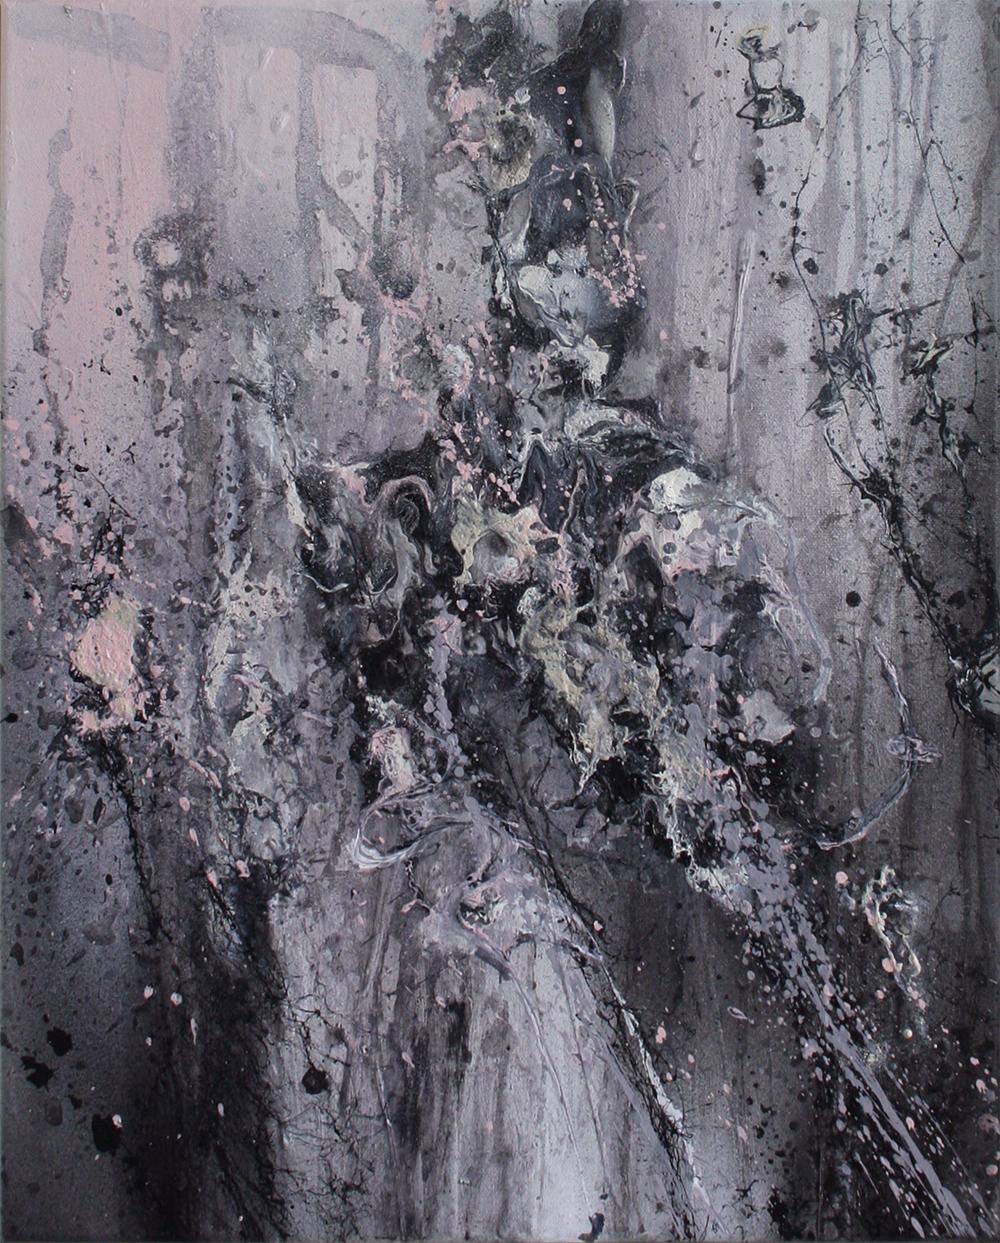 Ohne Titel | Acrylic, aerosol on canvas | 40x50cm | 2014